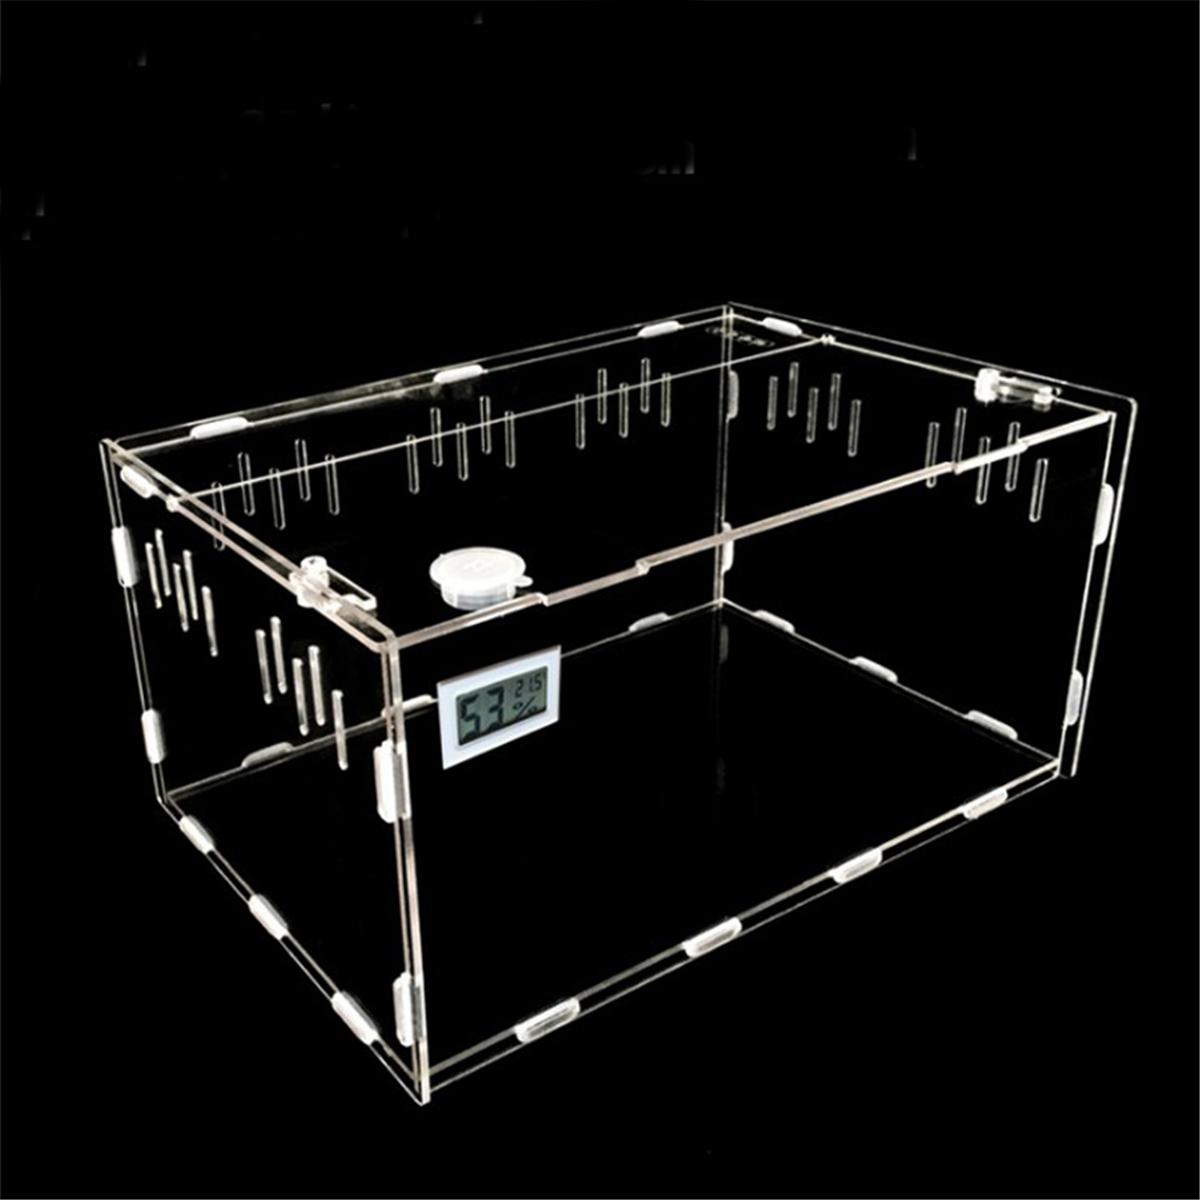 Бак для рептилий насекомые пауки Черепаха Ящерица акриловая прозрачная коробка для разведения Vivarium крышка рептилия ПЭТ продукт Террариум S...(Китай)